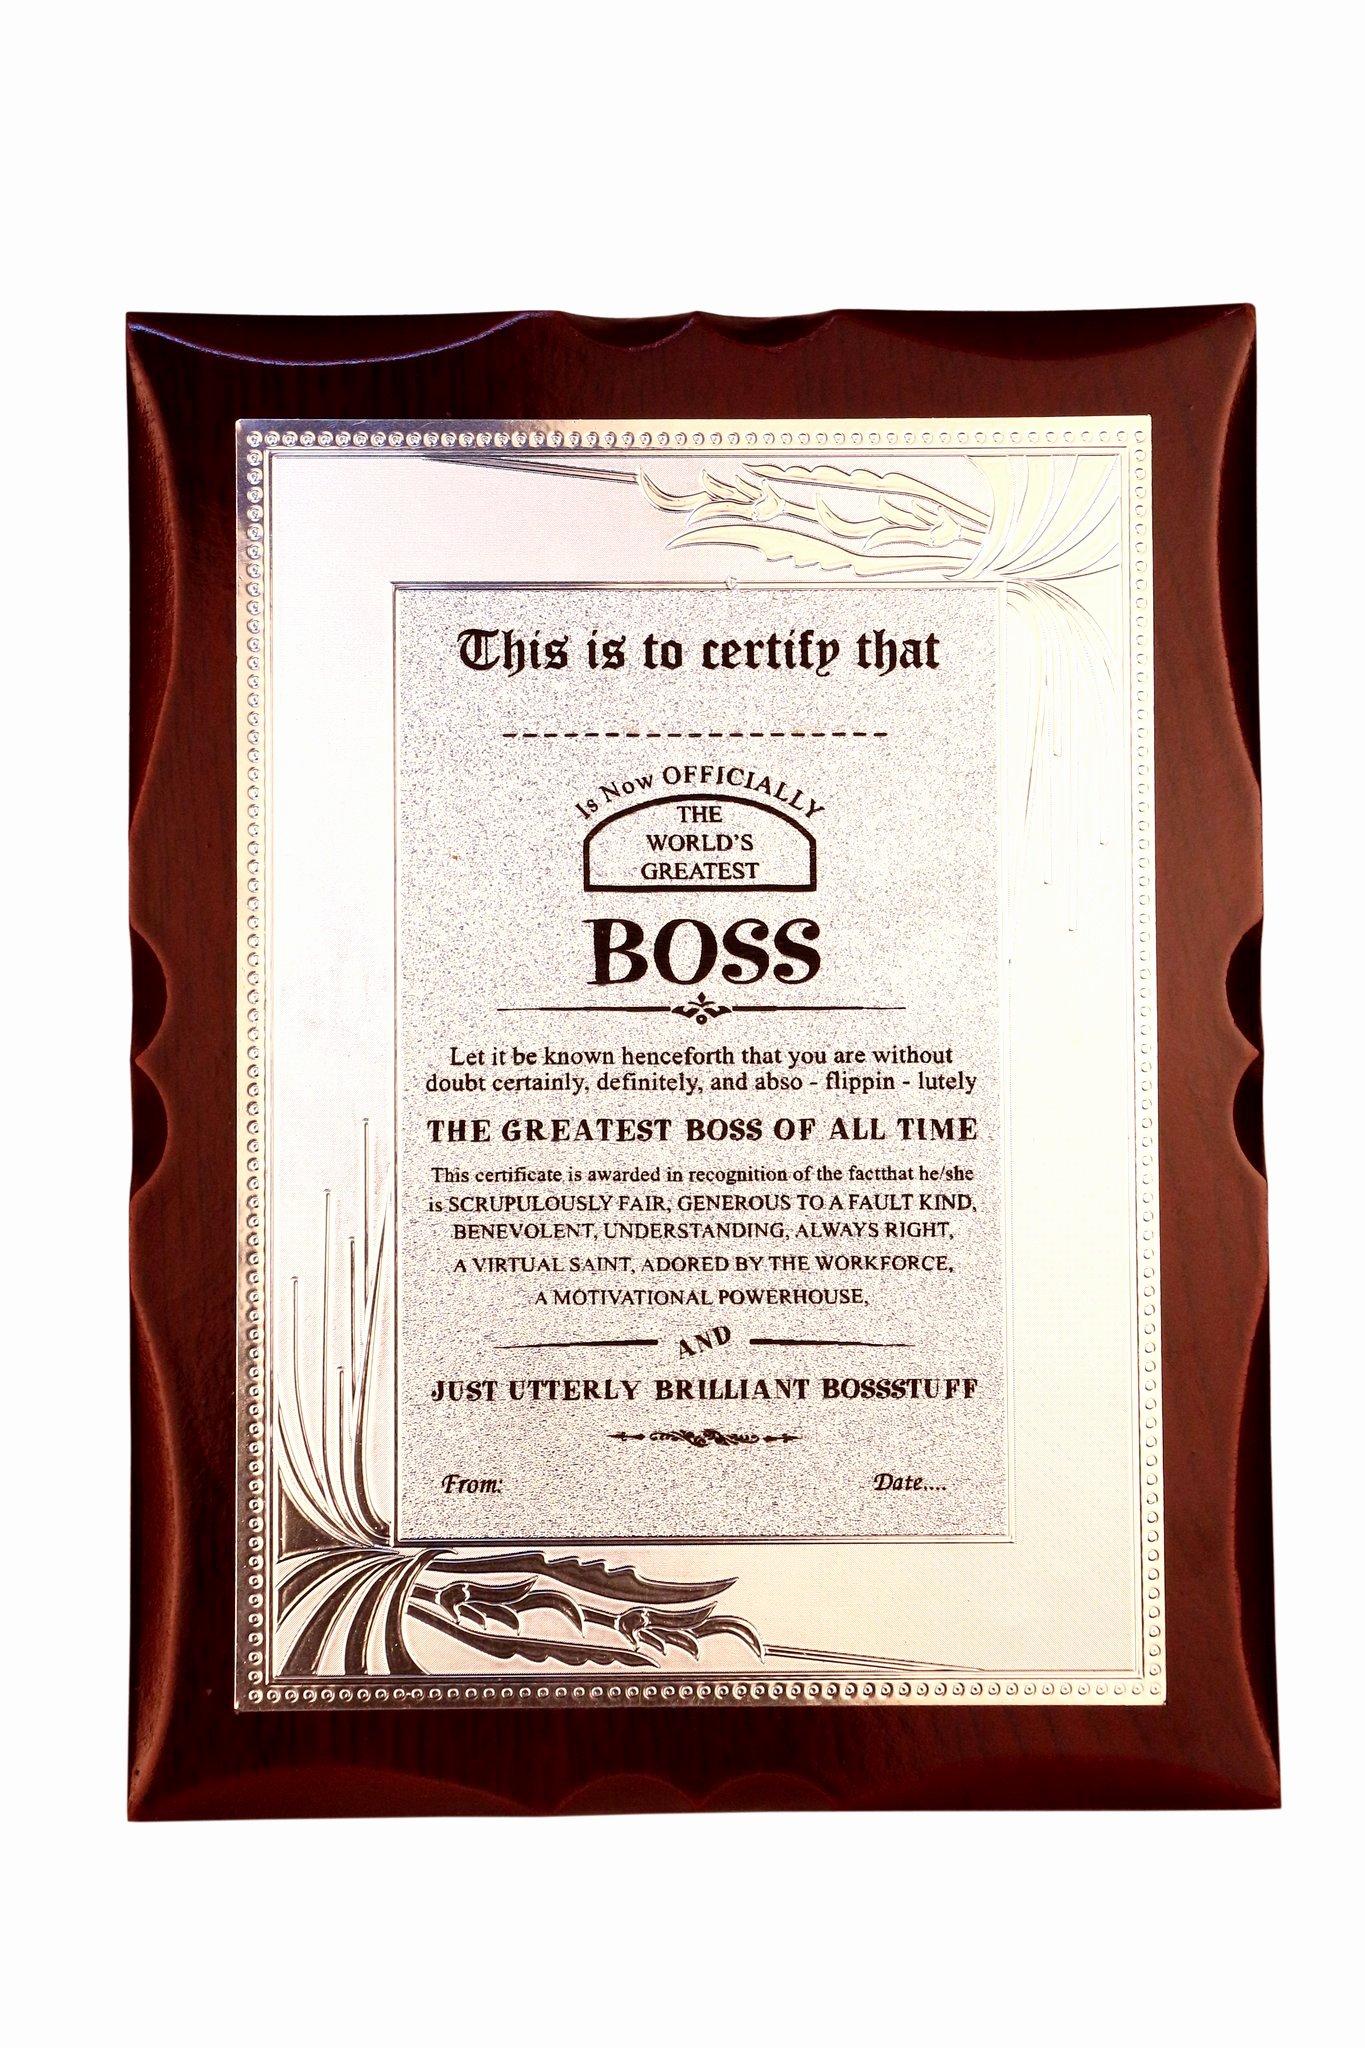 Best Boss Award Certificate Beautiful Gift for Boss World S Best Boss Premium Certificate